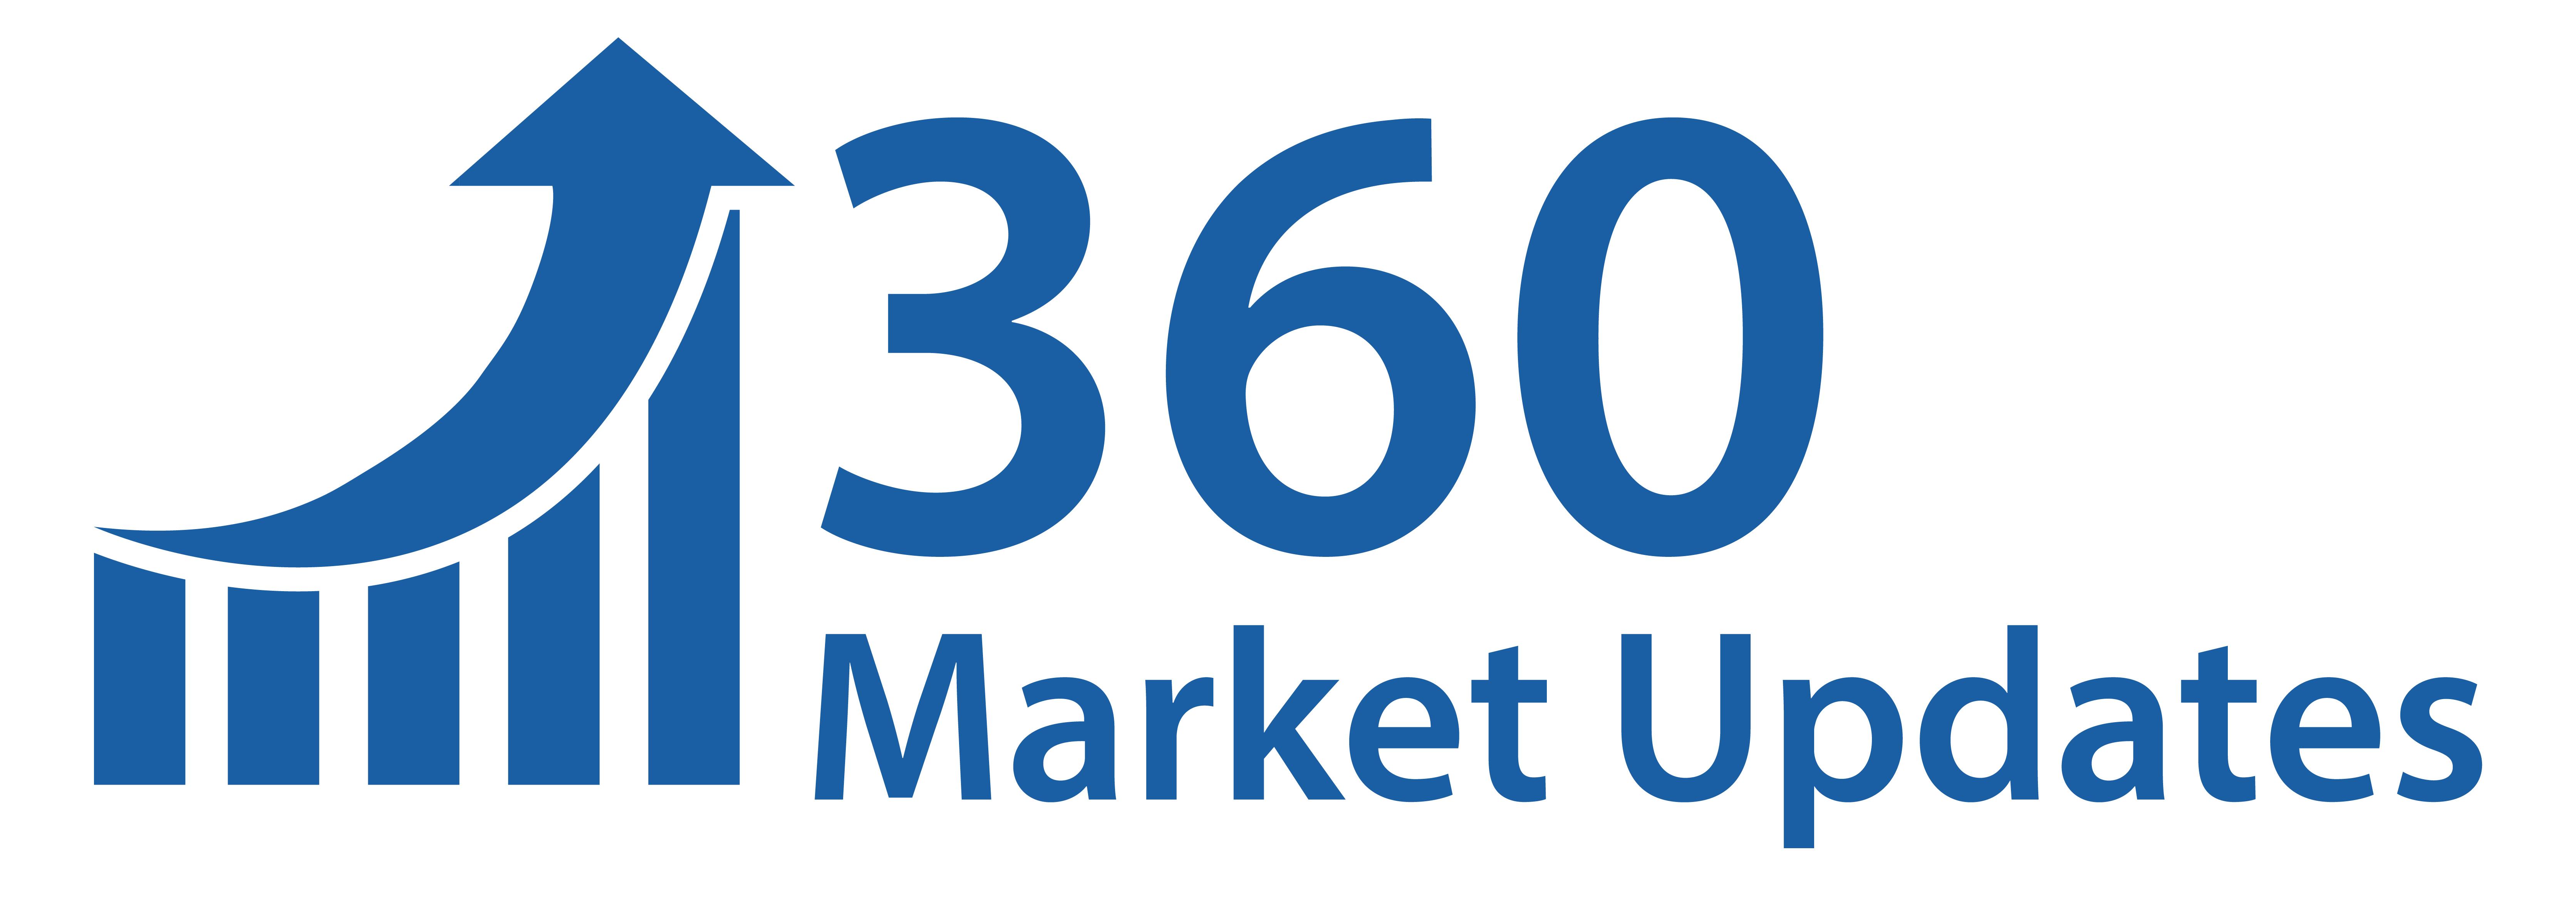 Markt für digitale Mammographiegeräte 2020 – Branchennachfrage, Aktie, Größe, Zukunftstrends Pläne, Wachstumschancen, Schlüsselakteure, Anwendung, Nachfrage, Branchenforschungsbericht nach Regionalprognose bis 2024